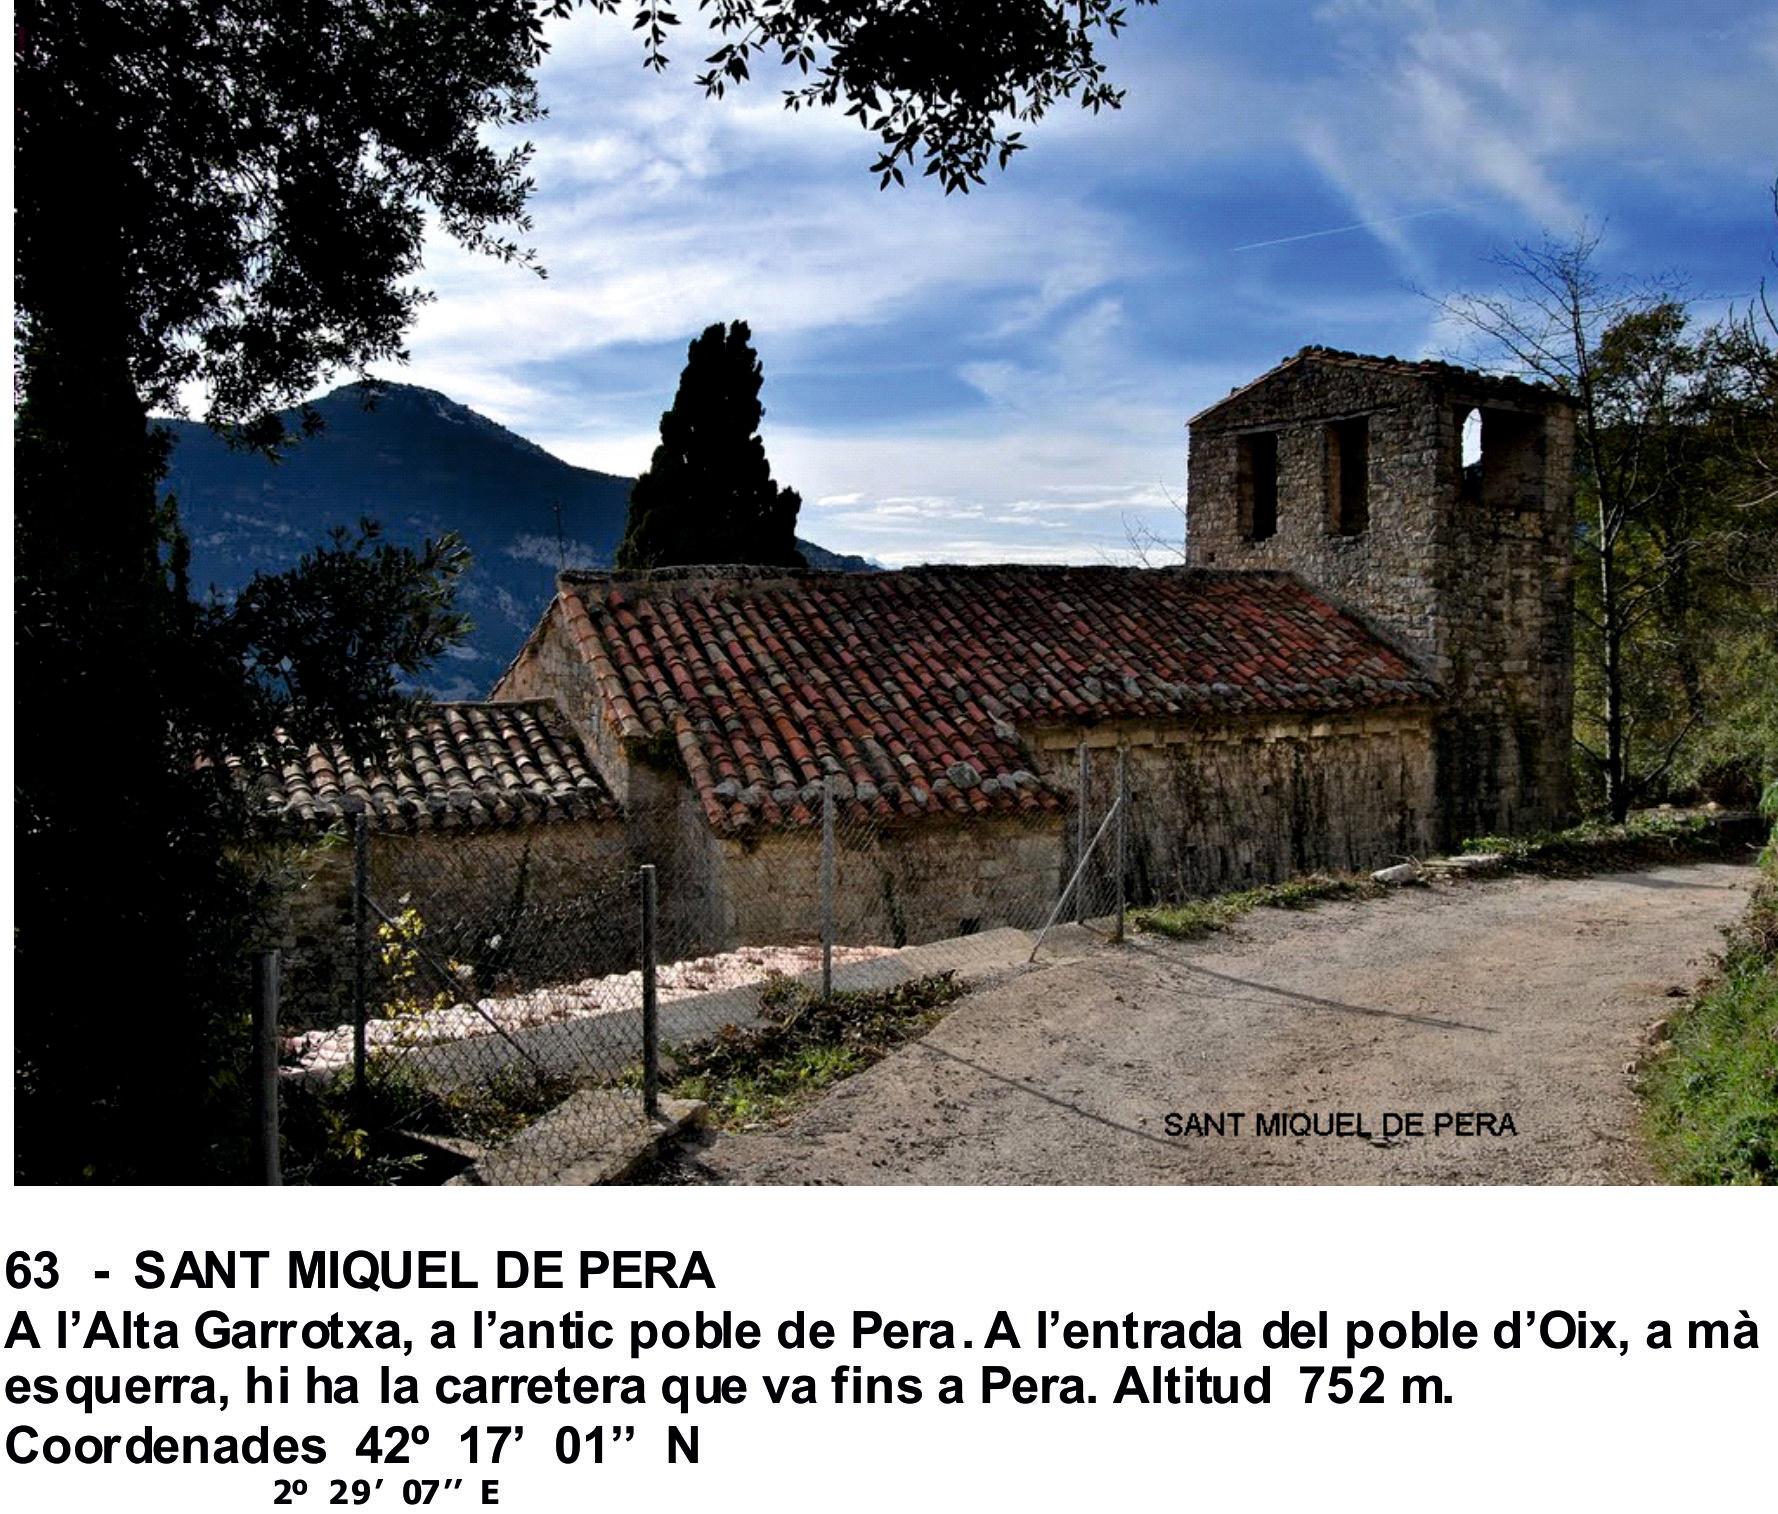 63  -  SANT MIQUEL DE PERA